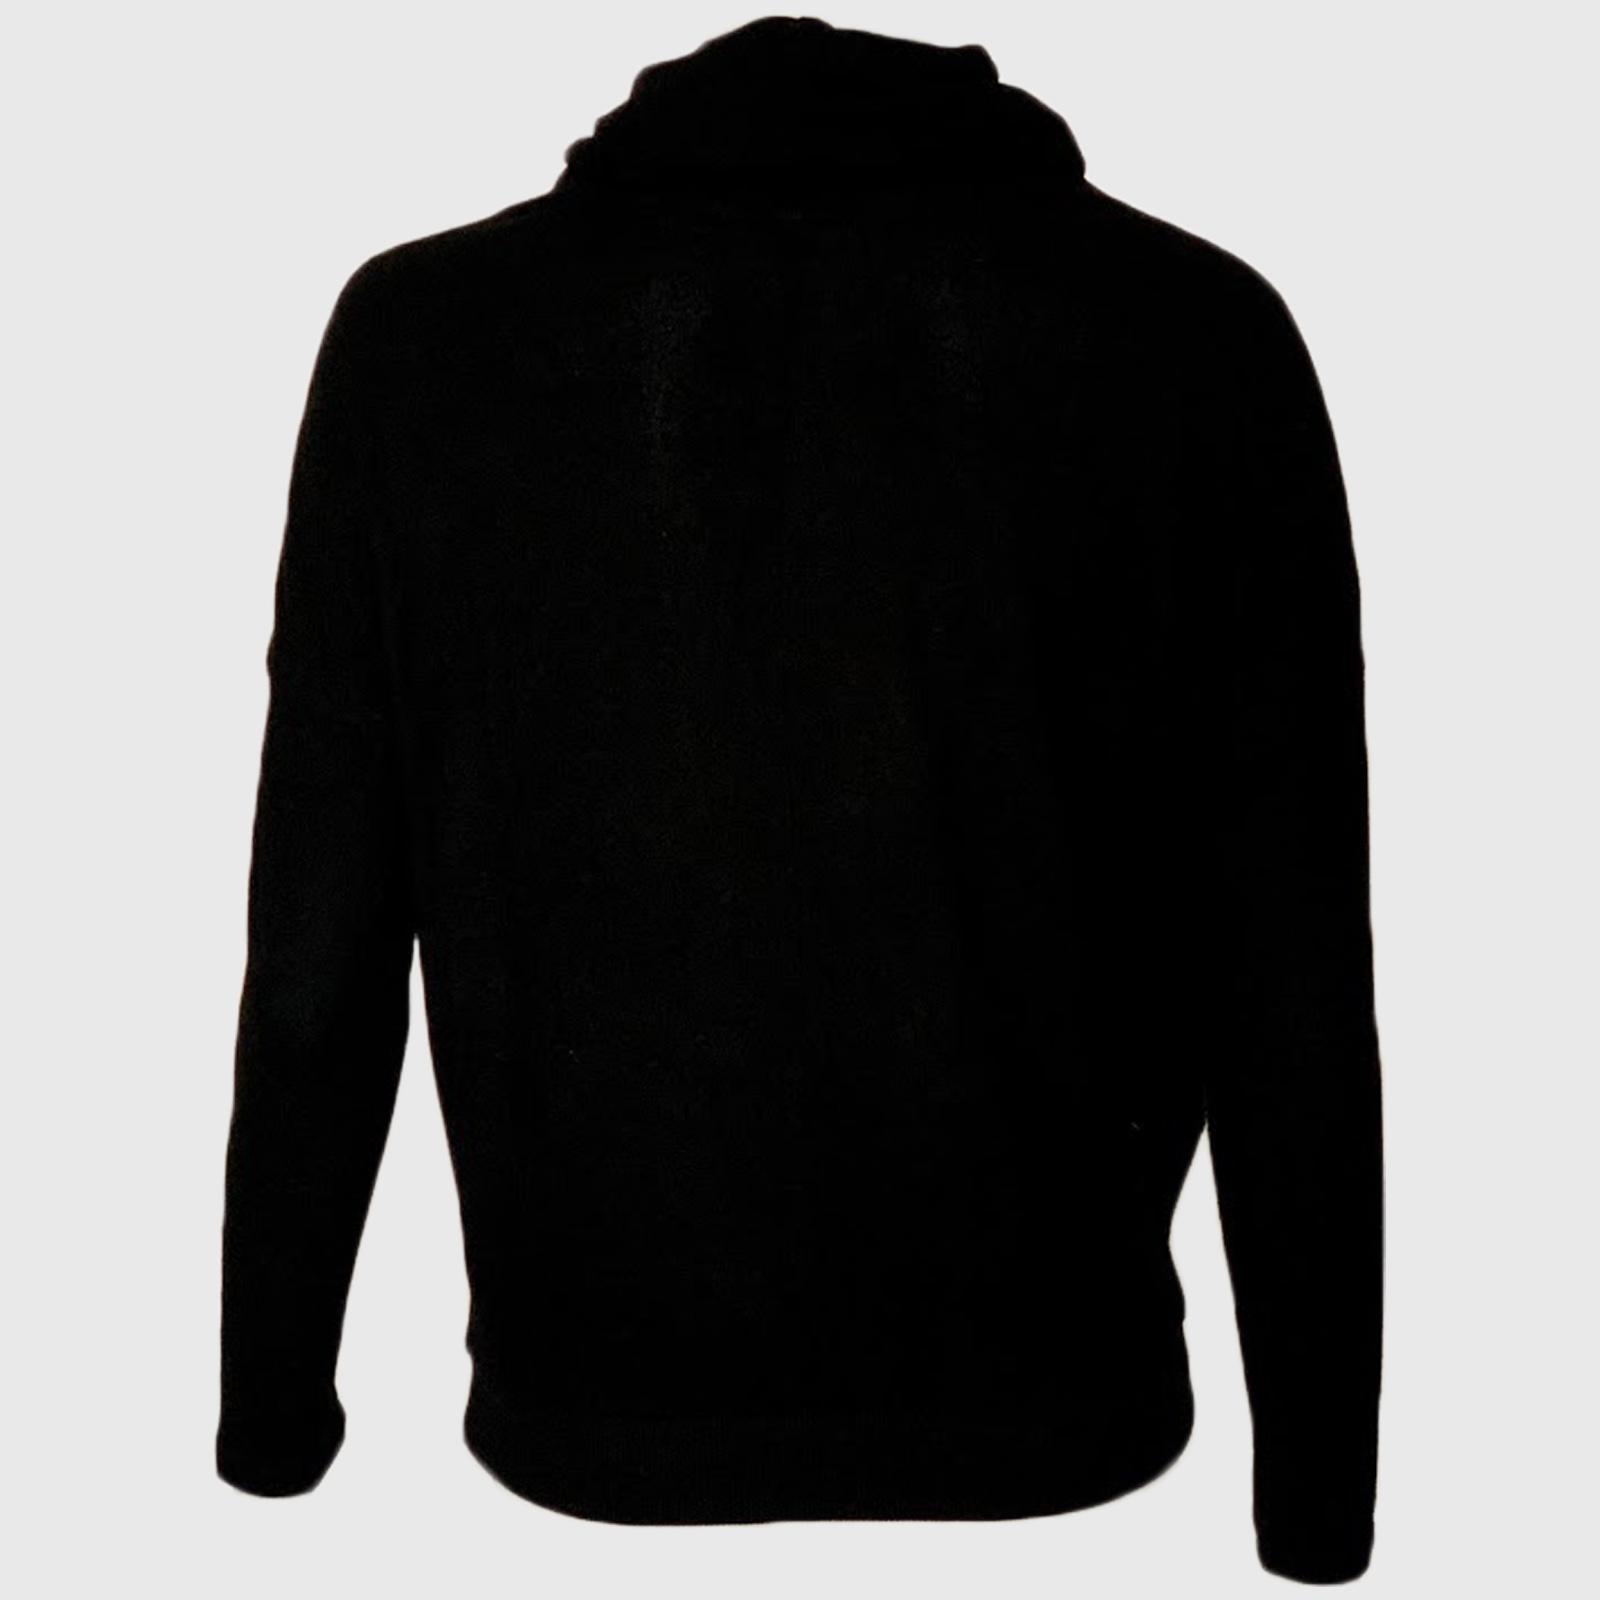 Купить в интернет магазине черную женскую кофту с воротником хомут